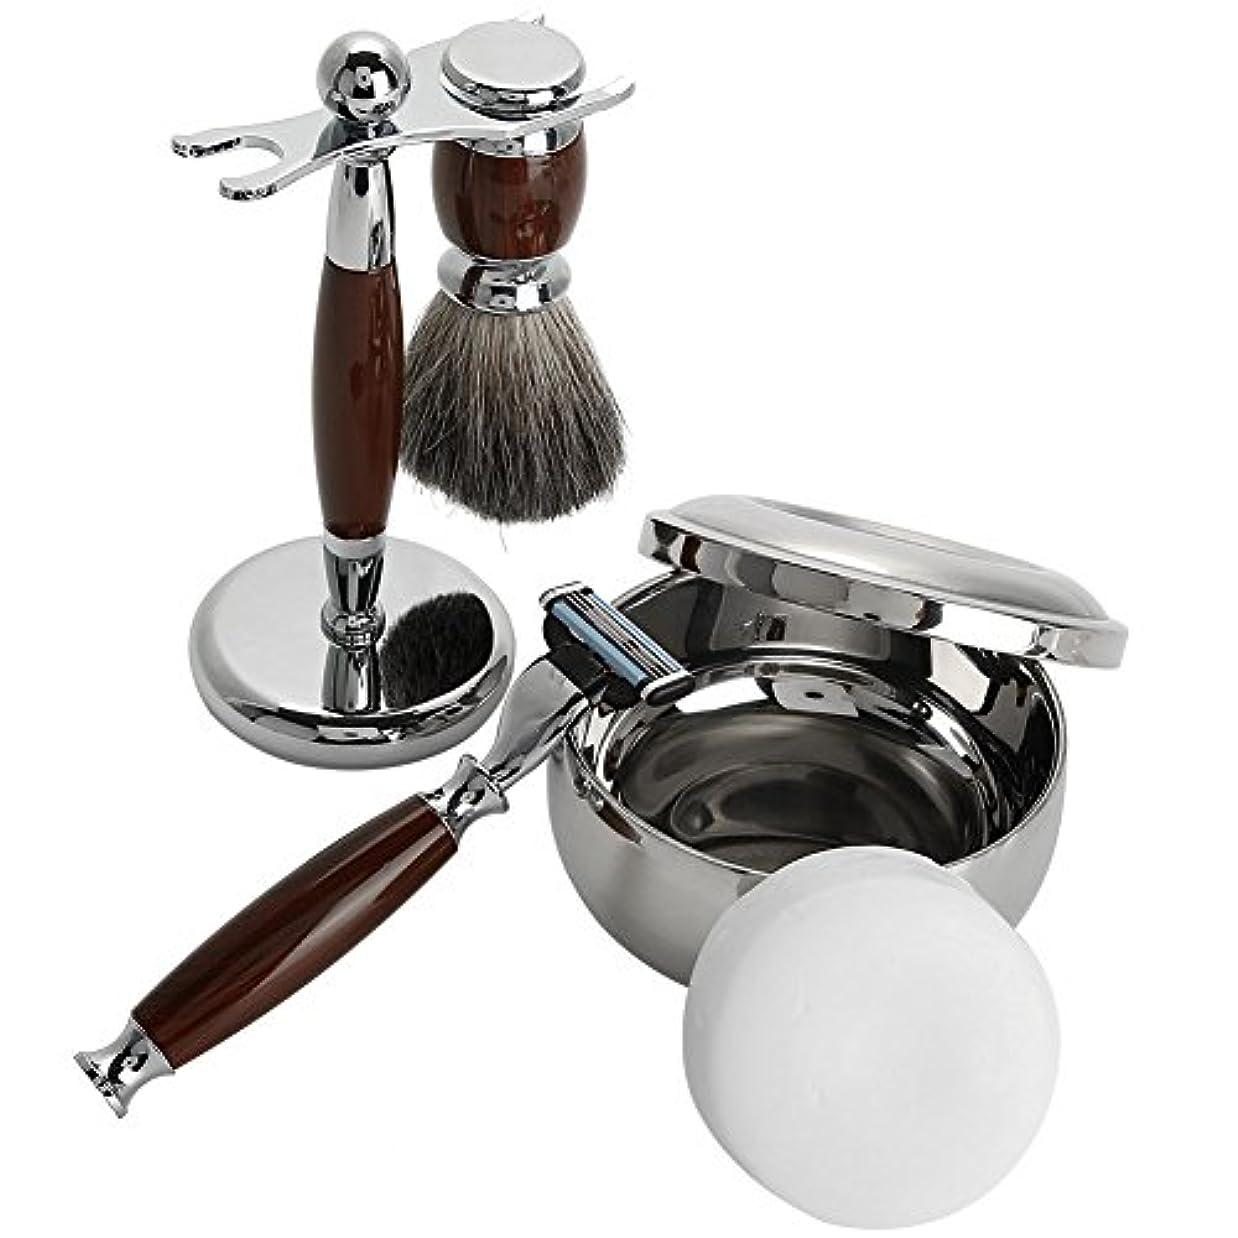 ブランクシェア責め剃刀 -Dewin シェービングブラシセット、剃刀スタンド、石鹸ボウル、石鹸、洗顔ブラシ、髭剃り、泡立ち、メンズ